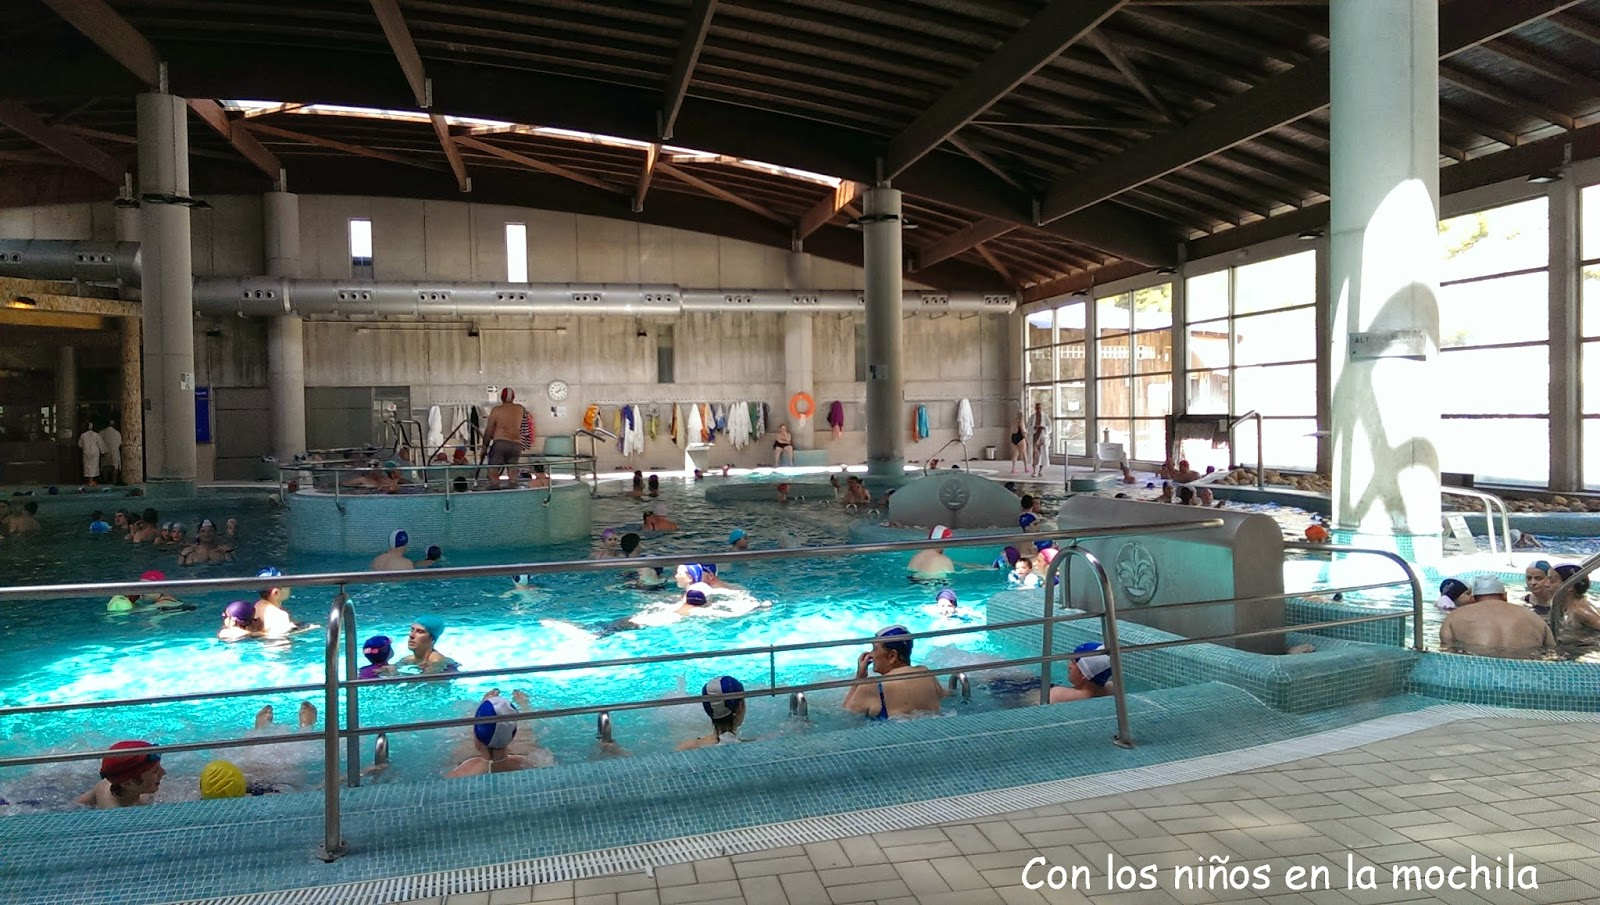 Balneario de archena aguas termales en familia con los for Lugares con piscina para pasar el dia